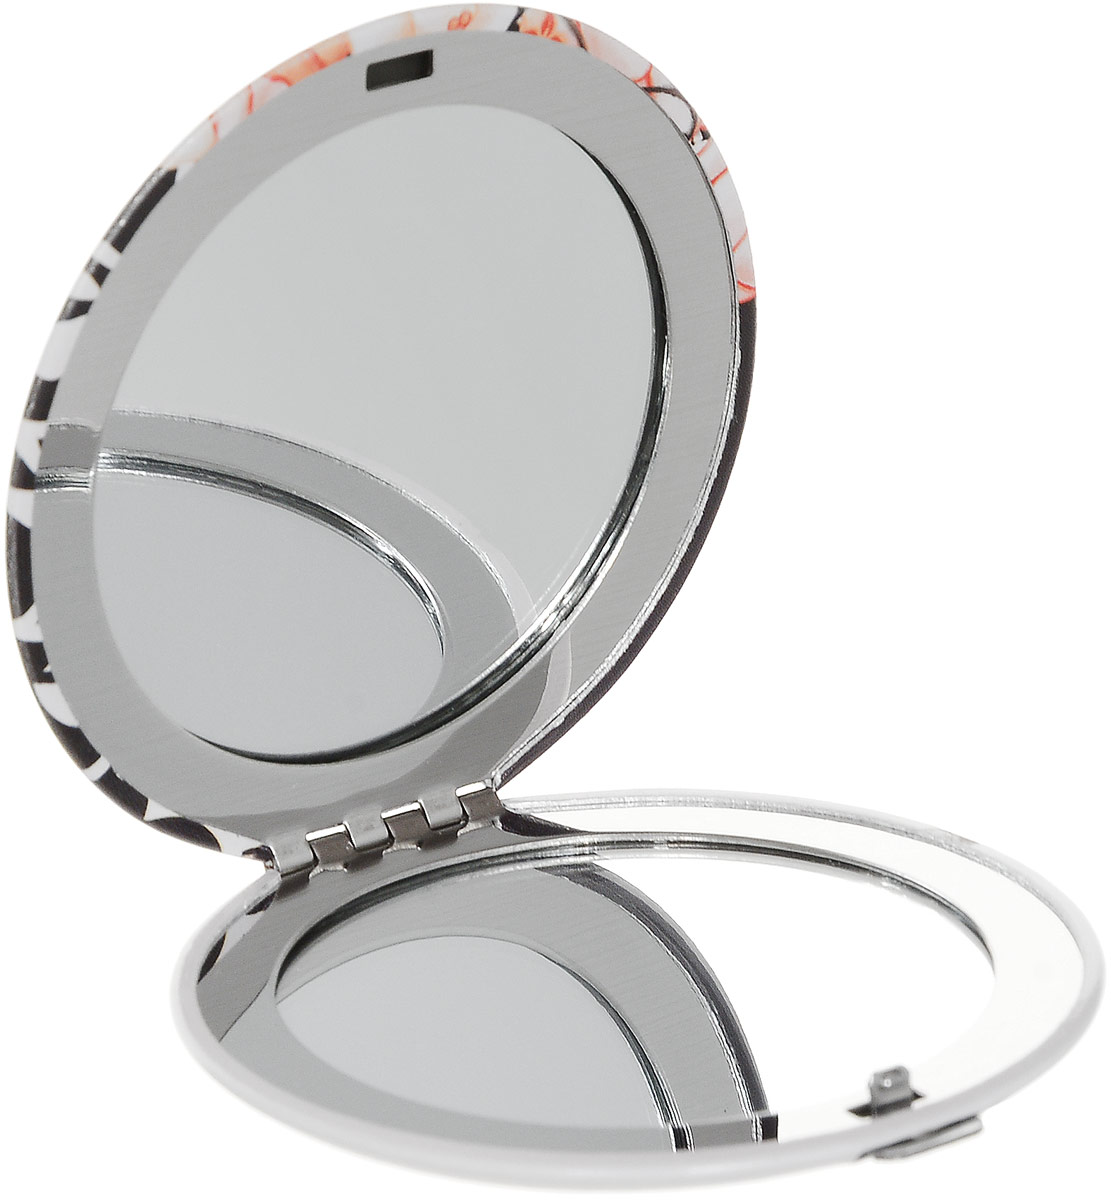 Зеркало карманное Kimmidoll Кайо. KF1119перфорационные unisexИзящное зеркало Kimmidoll Кайо выполнено в круглом металлическом корпусе и декорировано ярким изображением. Внутри корпуса расположено два зеркальца - обычное и увеличивающее.Такое зеркало станет отличным подарком представительнице прекрасного пола, ведь даже самая маленькая дамская сумочка обязательно вместит в себя миниатюрное зеркальце - атрибут каждой модницы.